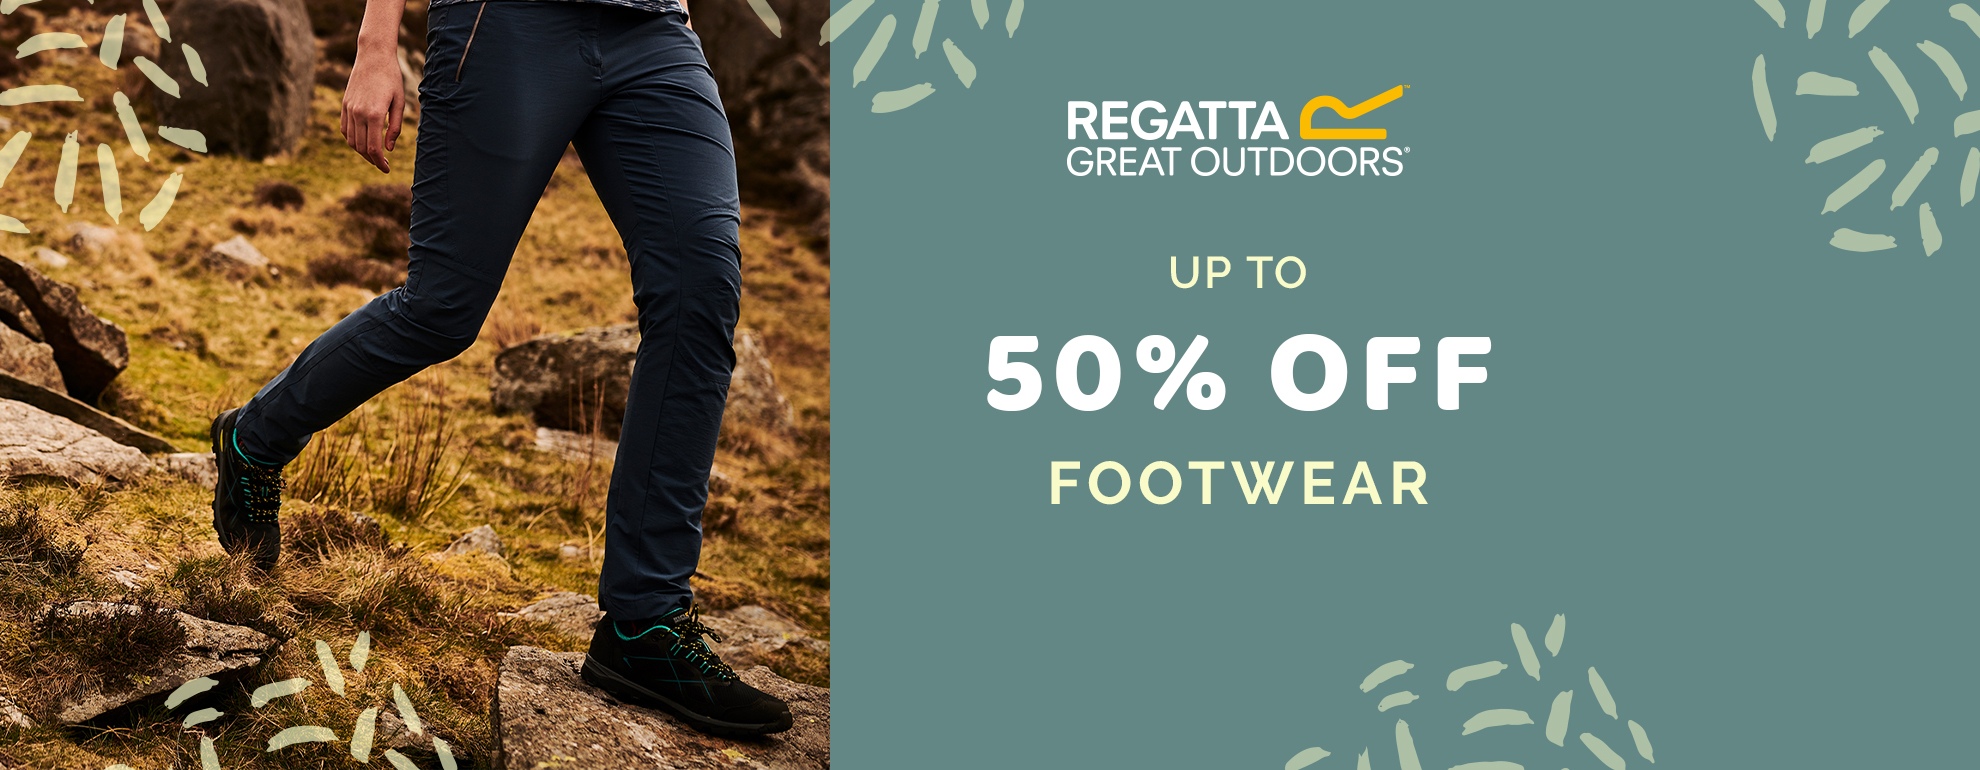 Regatta Footwear